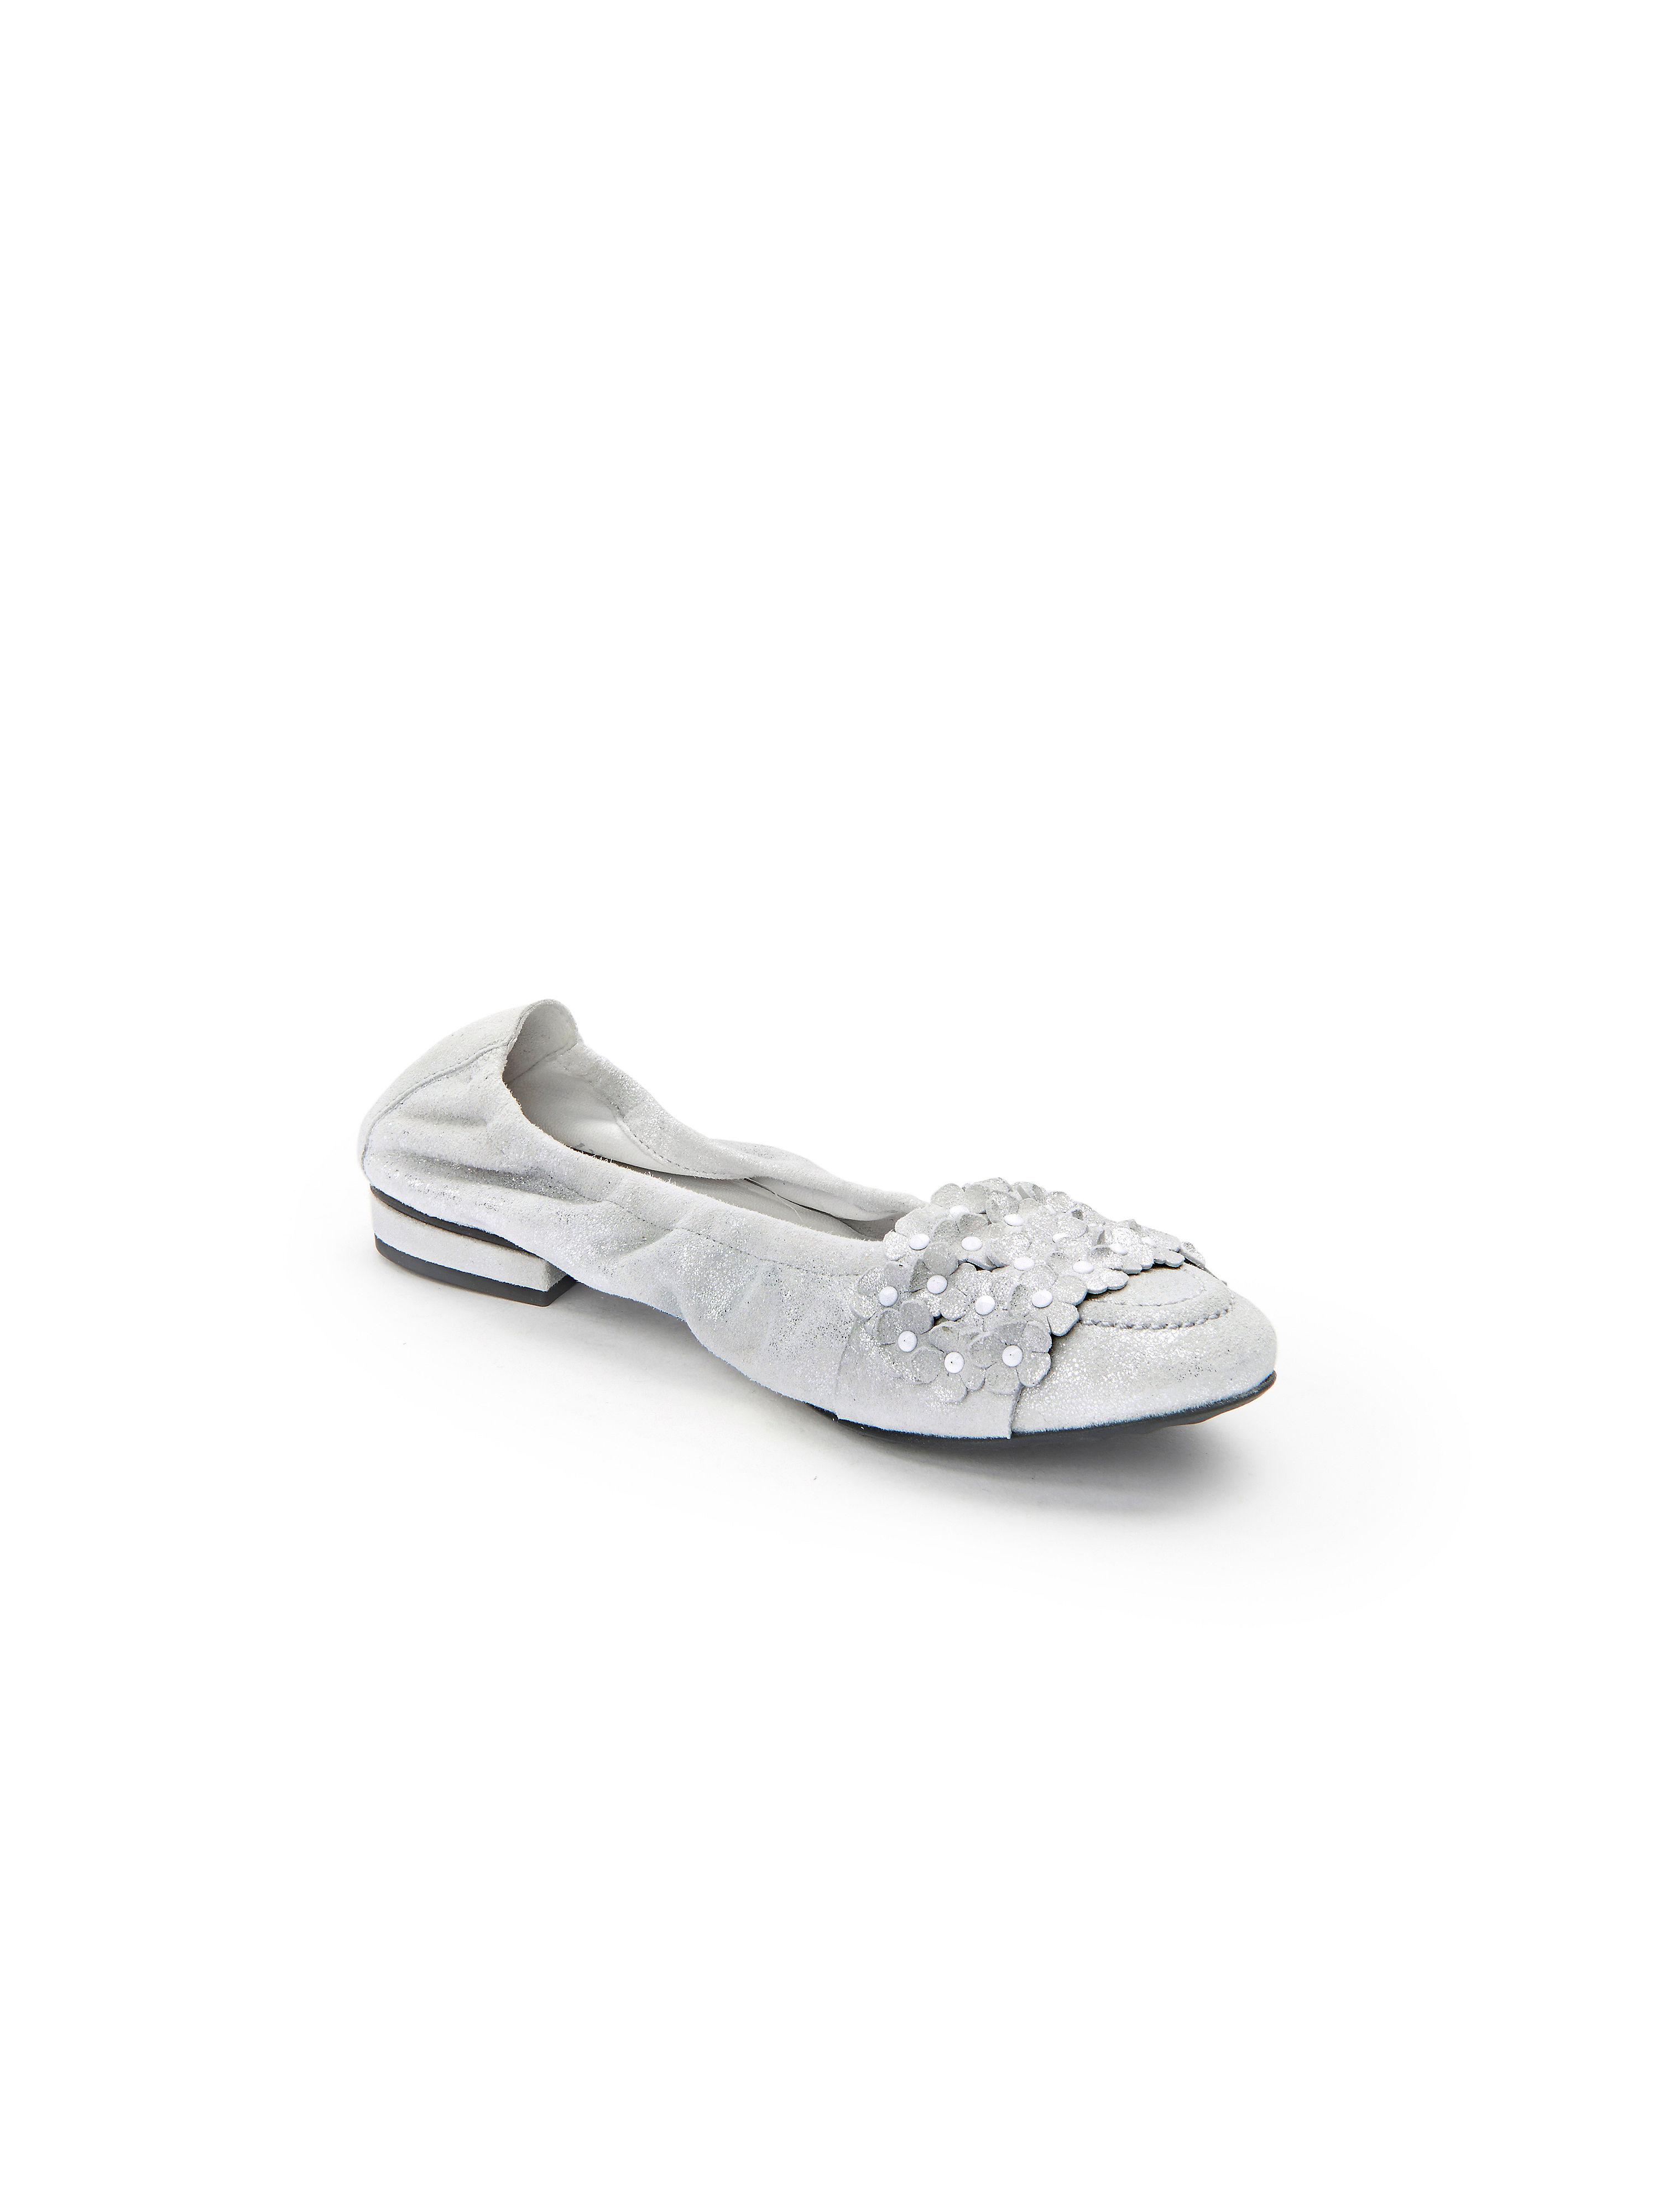 Kennel & Schmenger - Ballerina Malu aus 100% Leder - Silber-Metallic Gute Qualität beliebte Schuhe